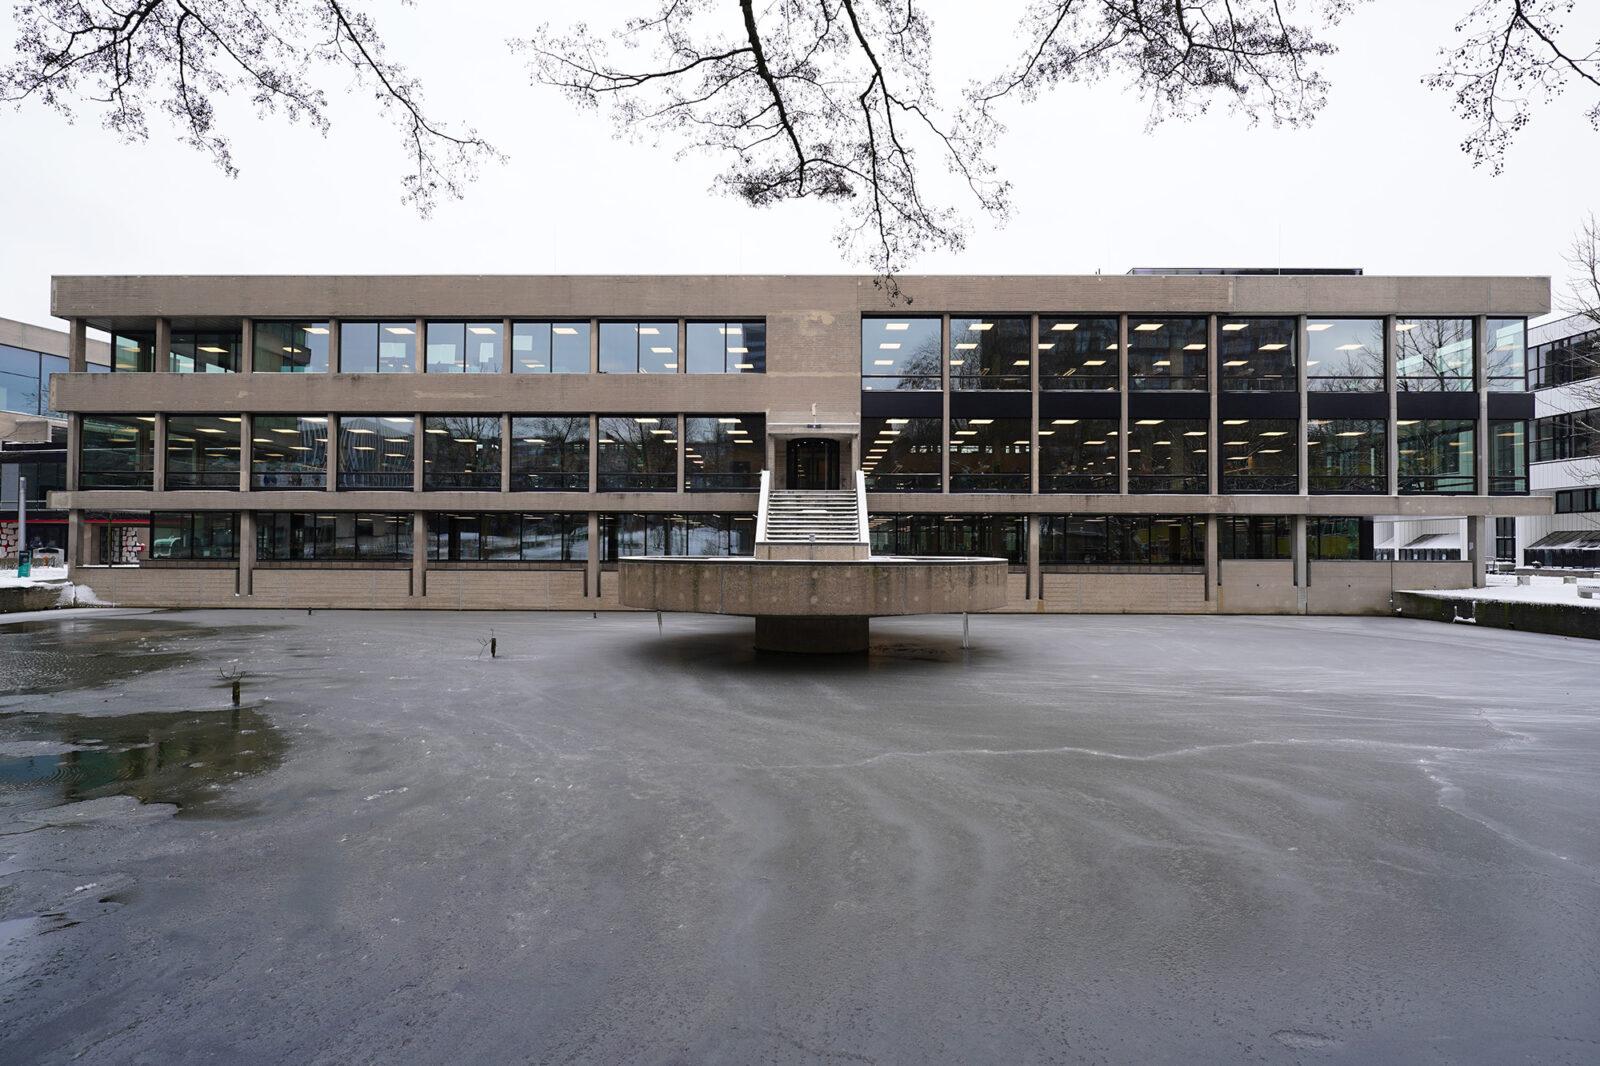 Campus in de sneeuw 08-02-2021 – UB – Arie Kers